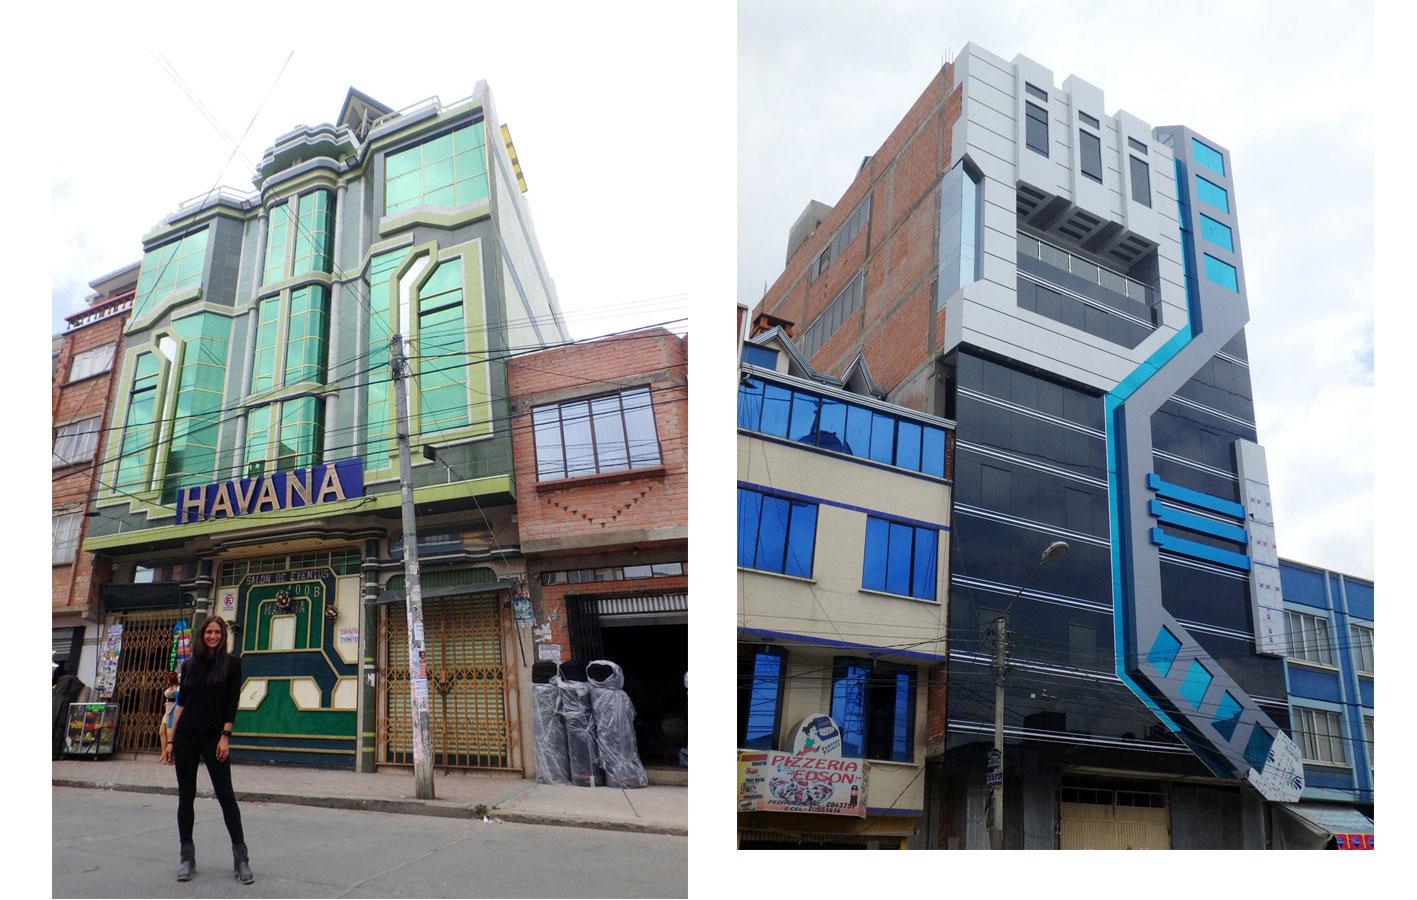 la paz el alto 1 - Sehenswertes in La Paz und El Alto, Bolivien